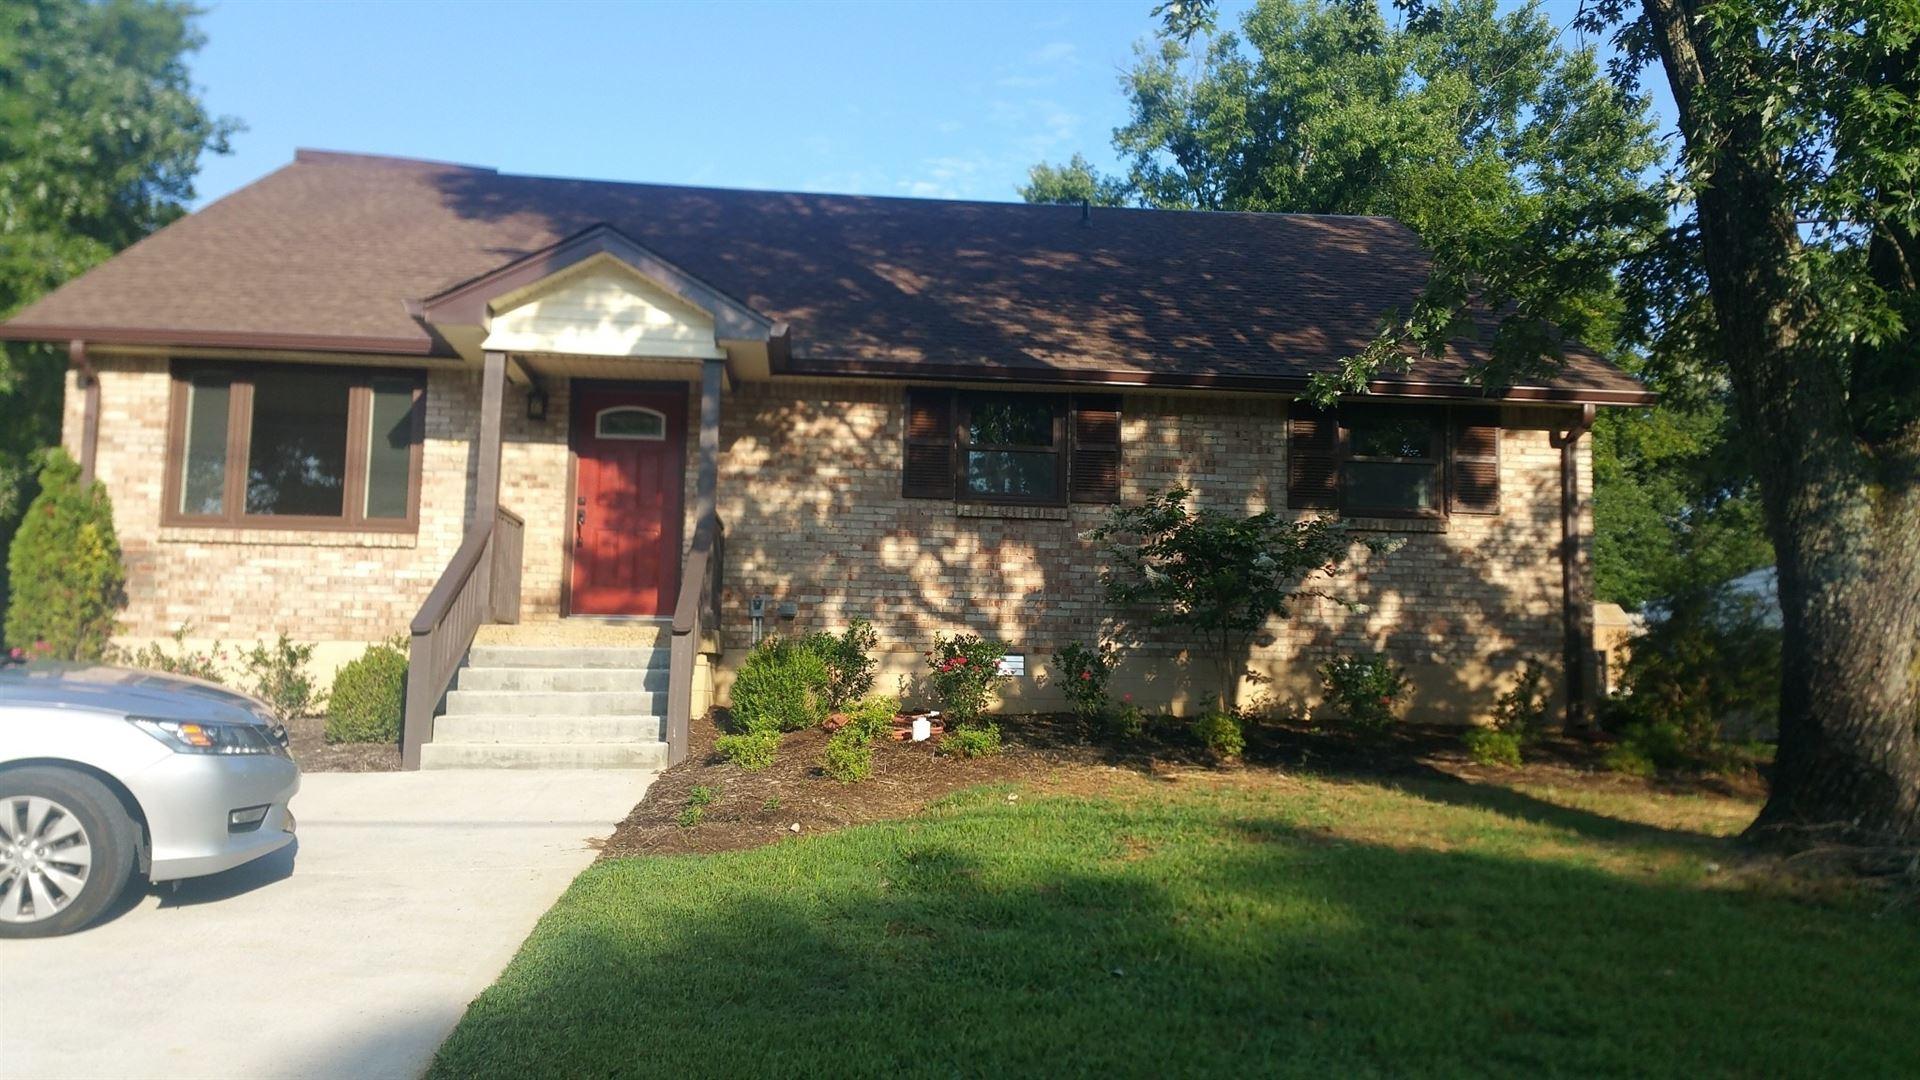 125 Old N Greenhill Rd, Mount Juliet, TN 37122 - MLS#: 2273825